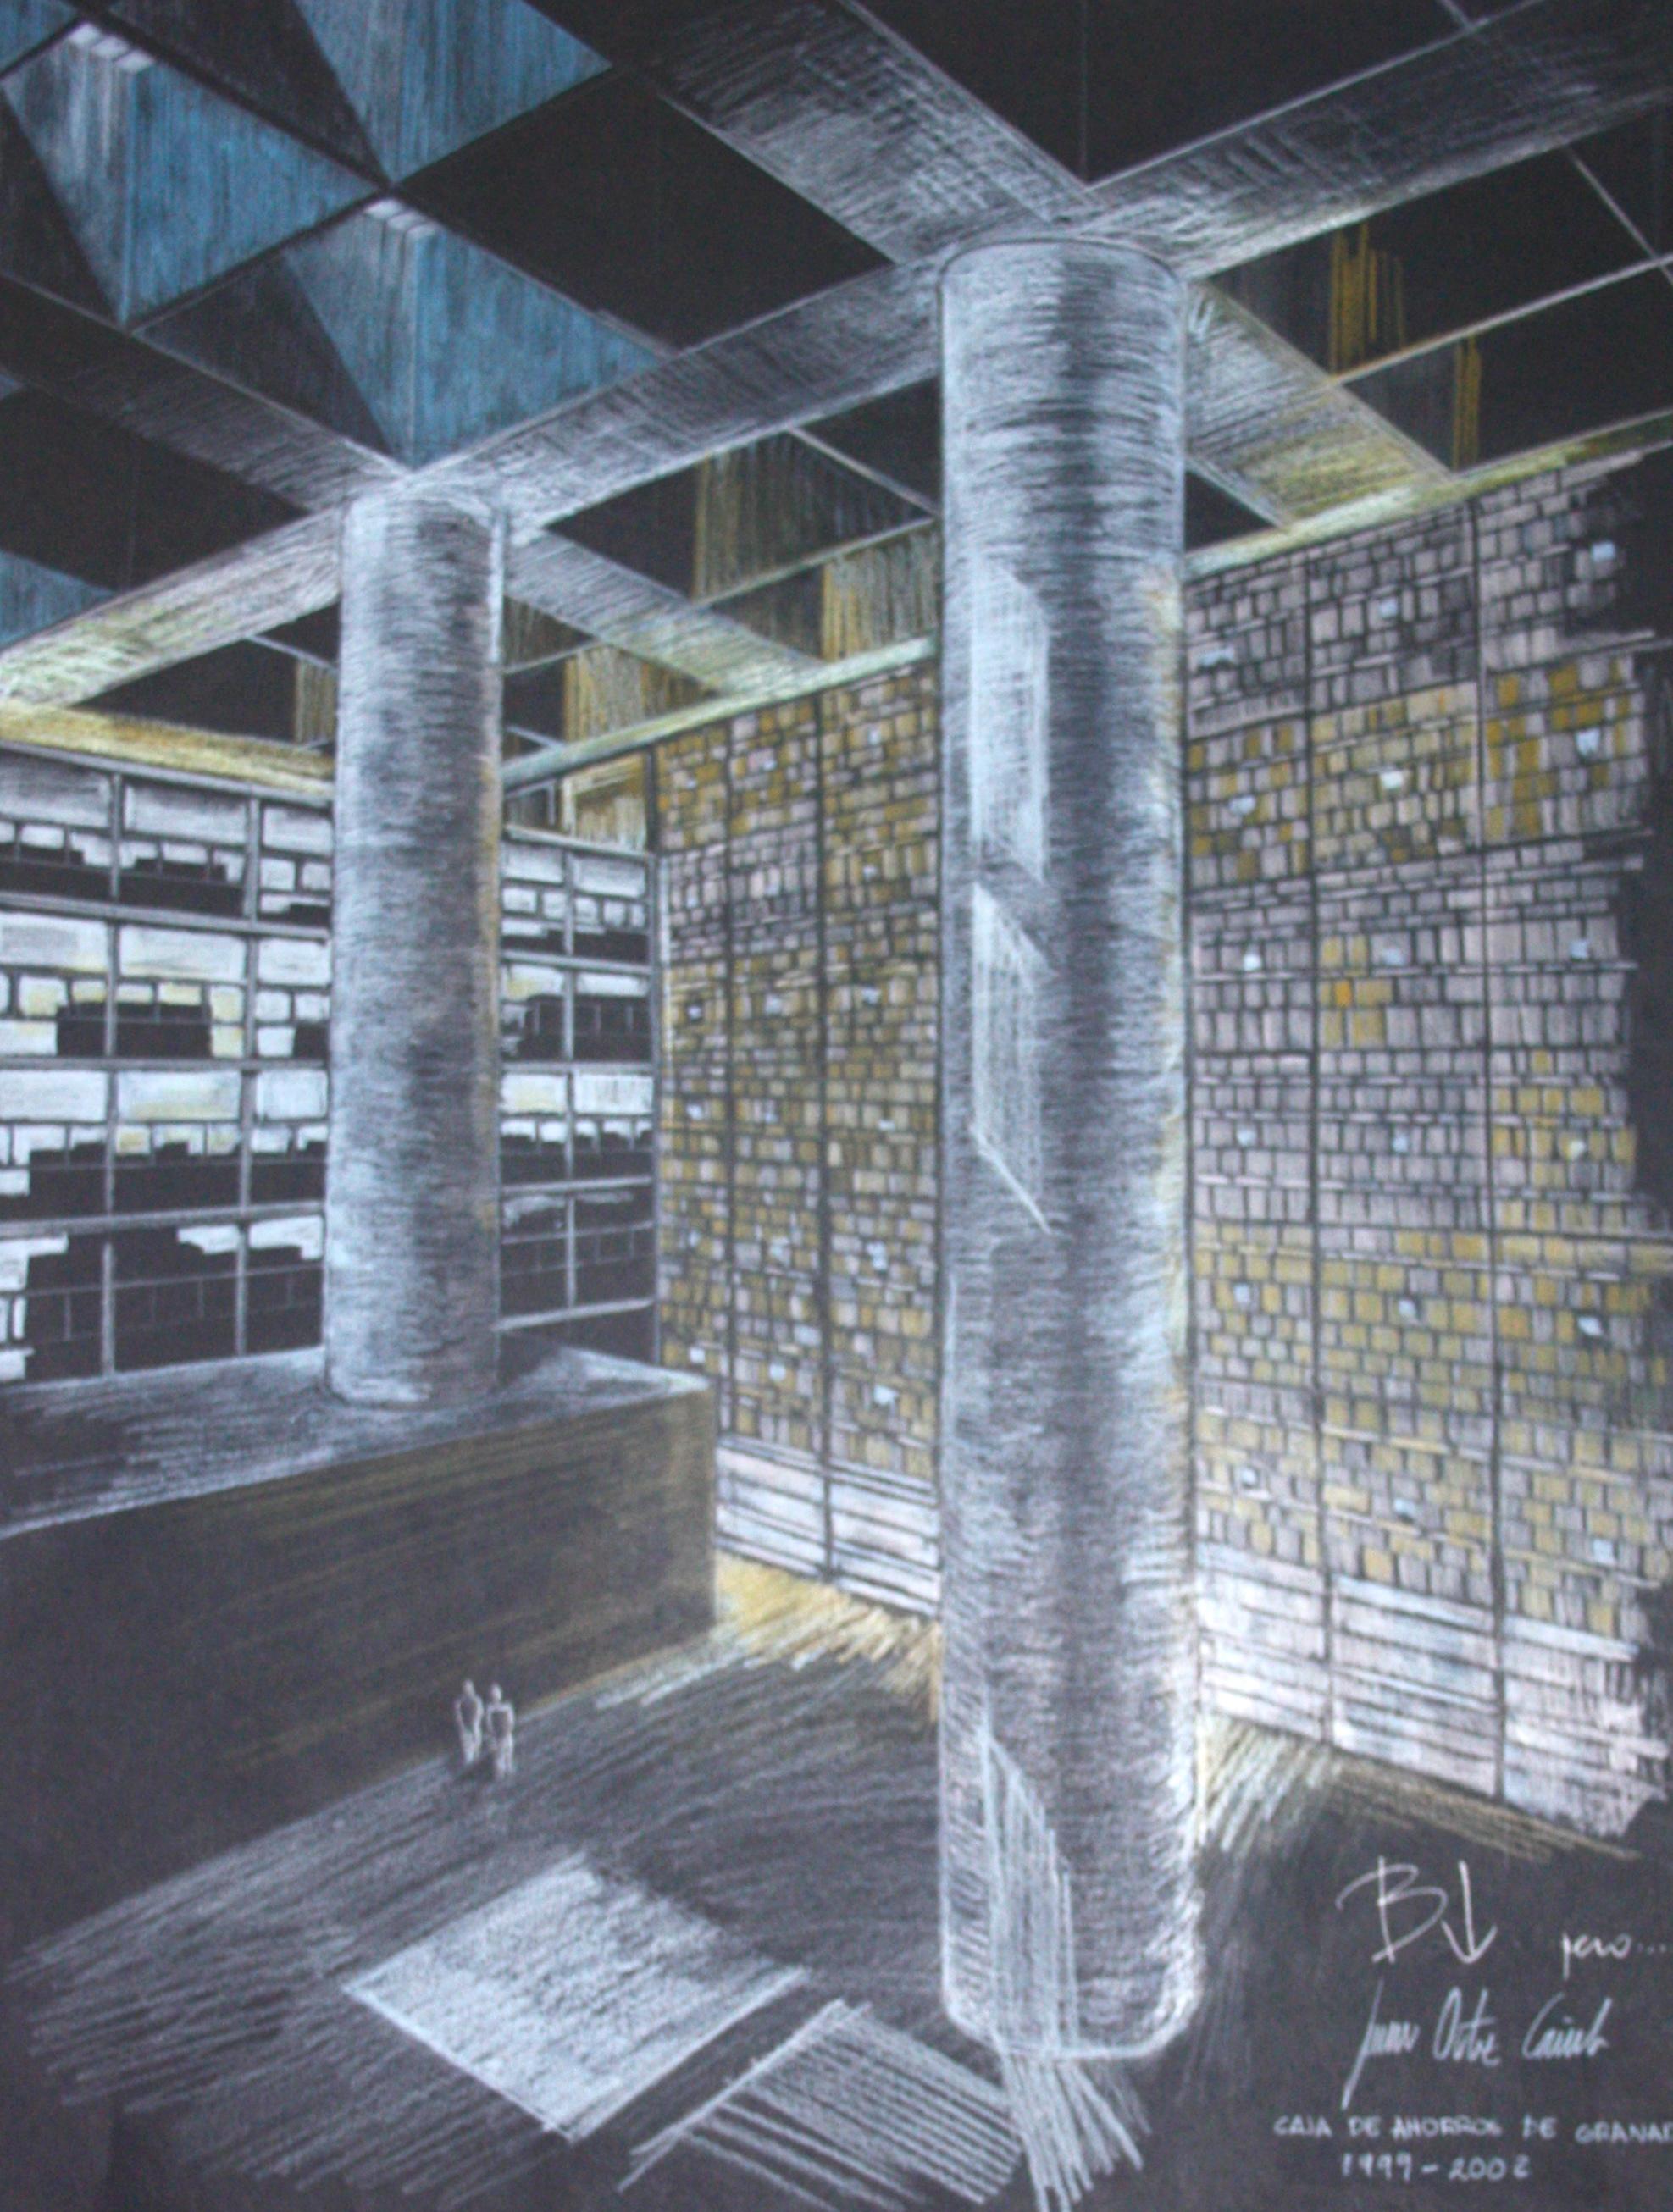 Caja Granada Campo Baeza da. caja granada – análisis de formas